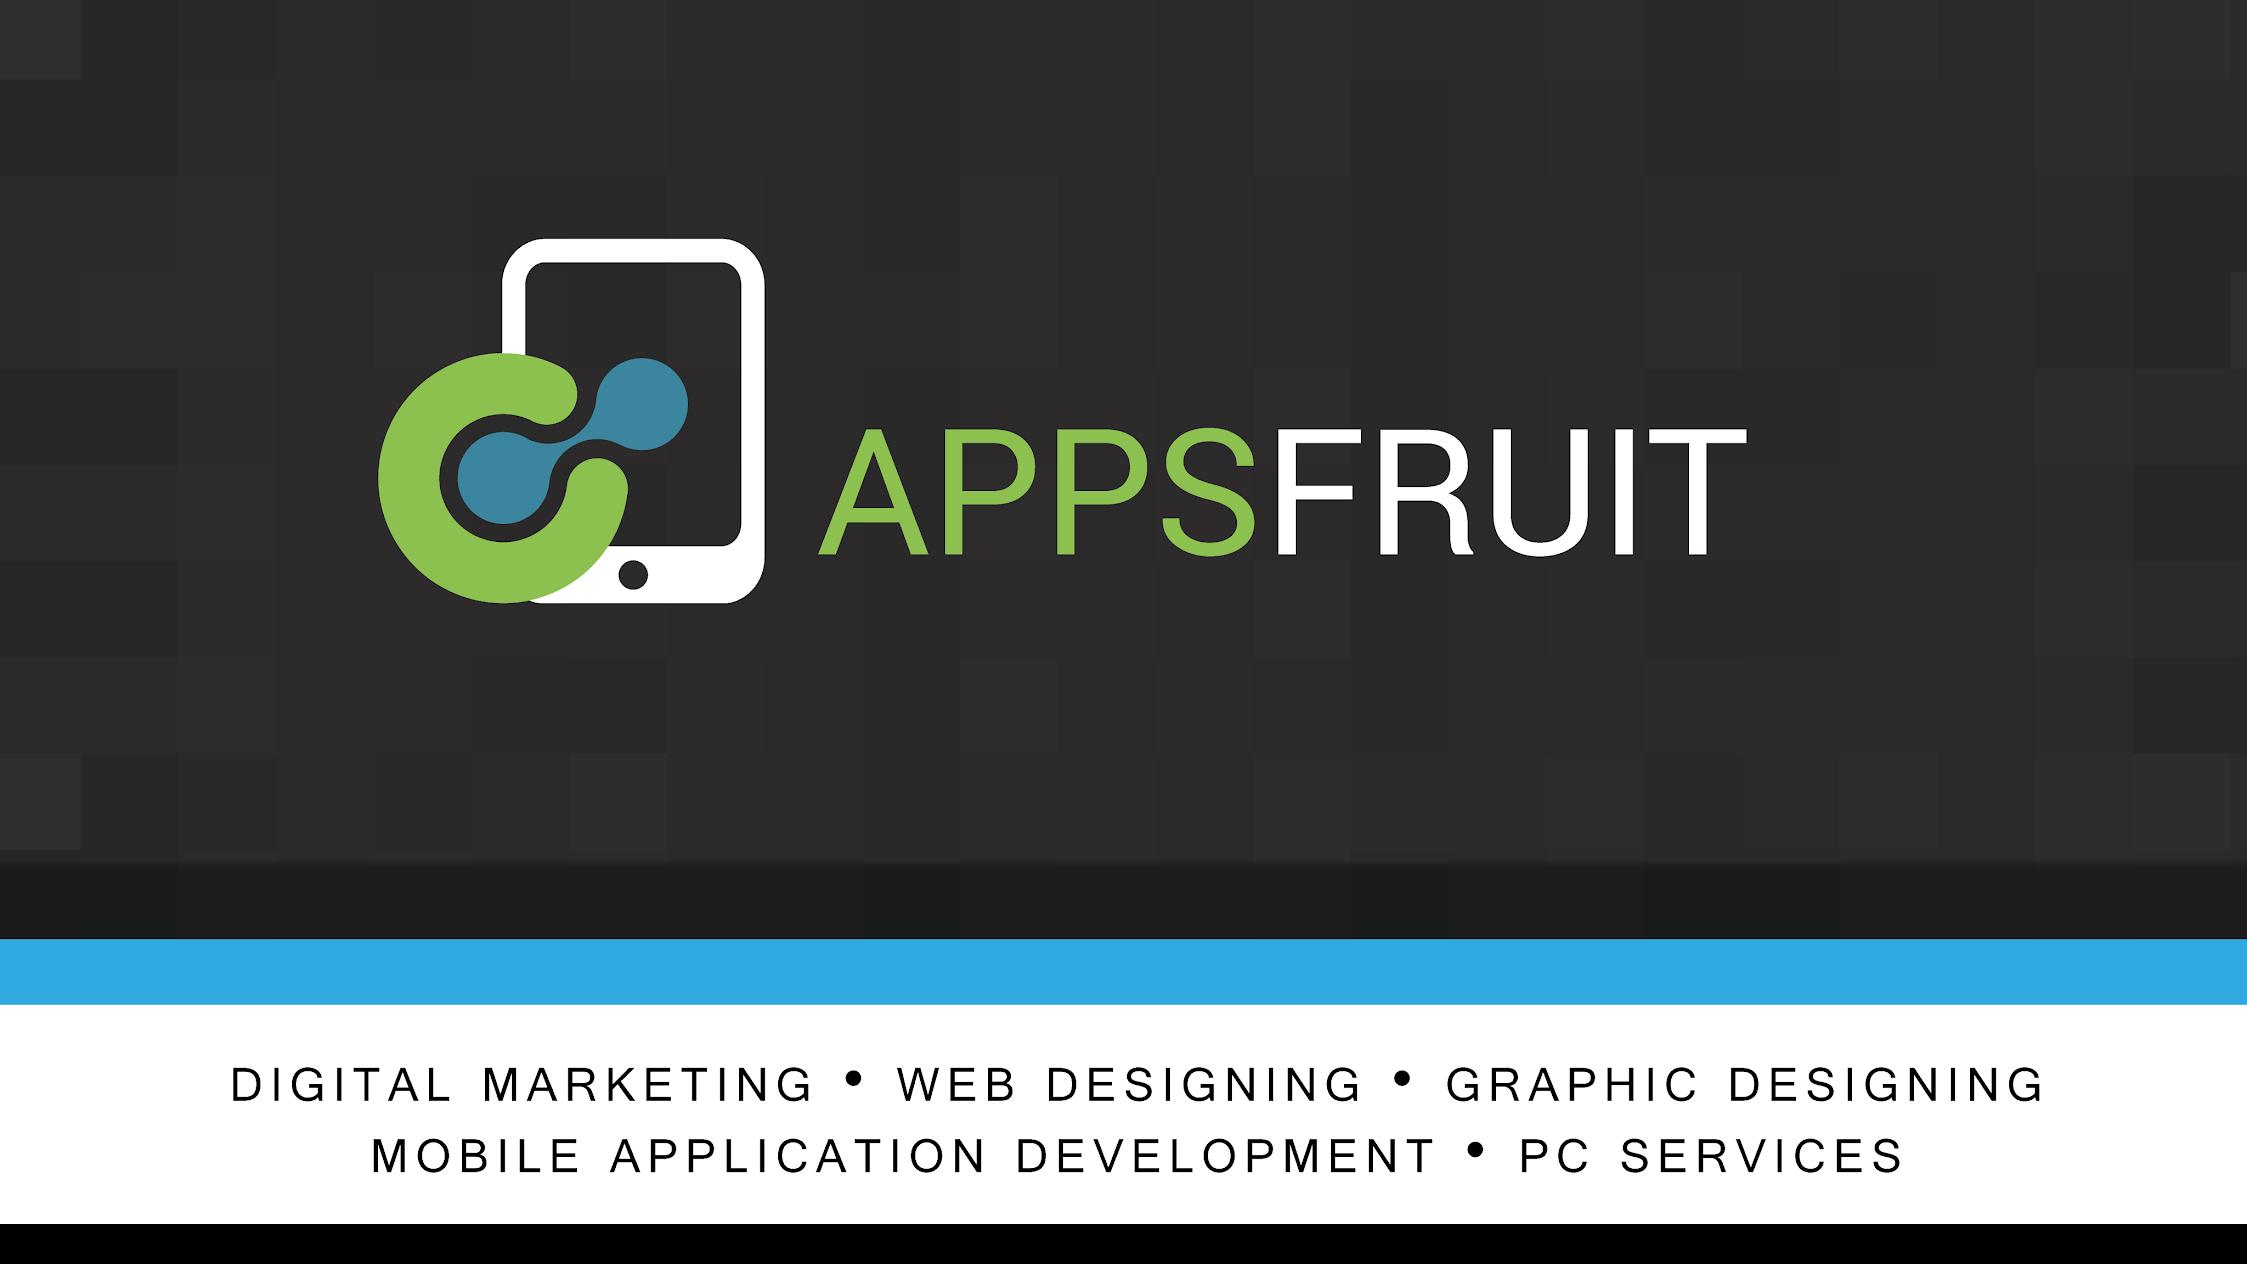 AppsFruit